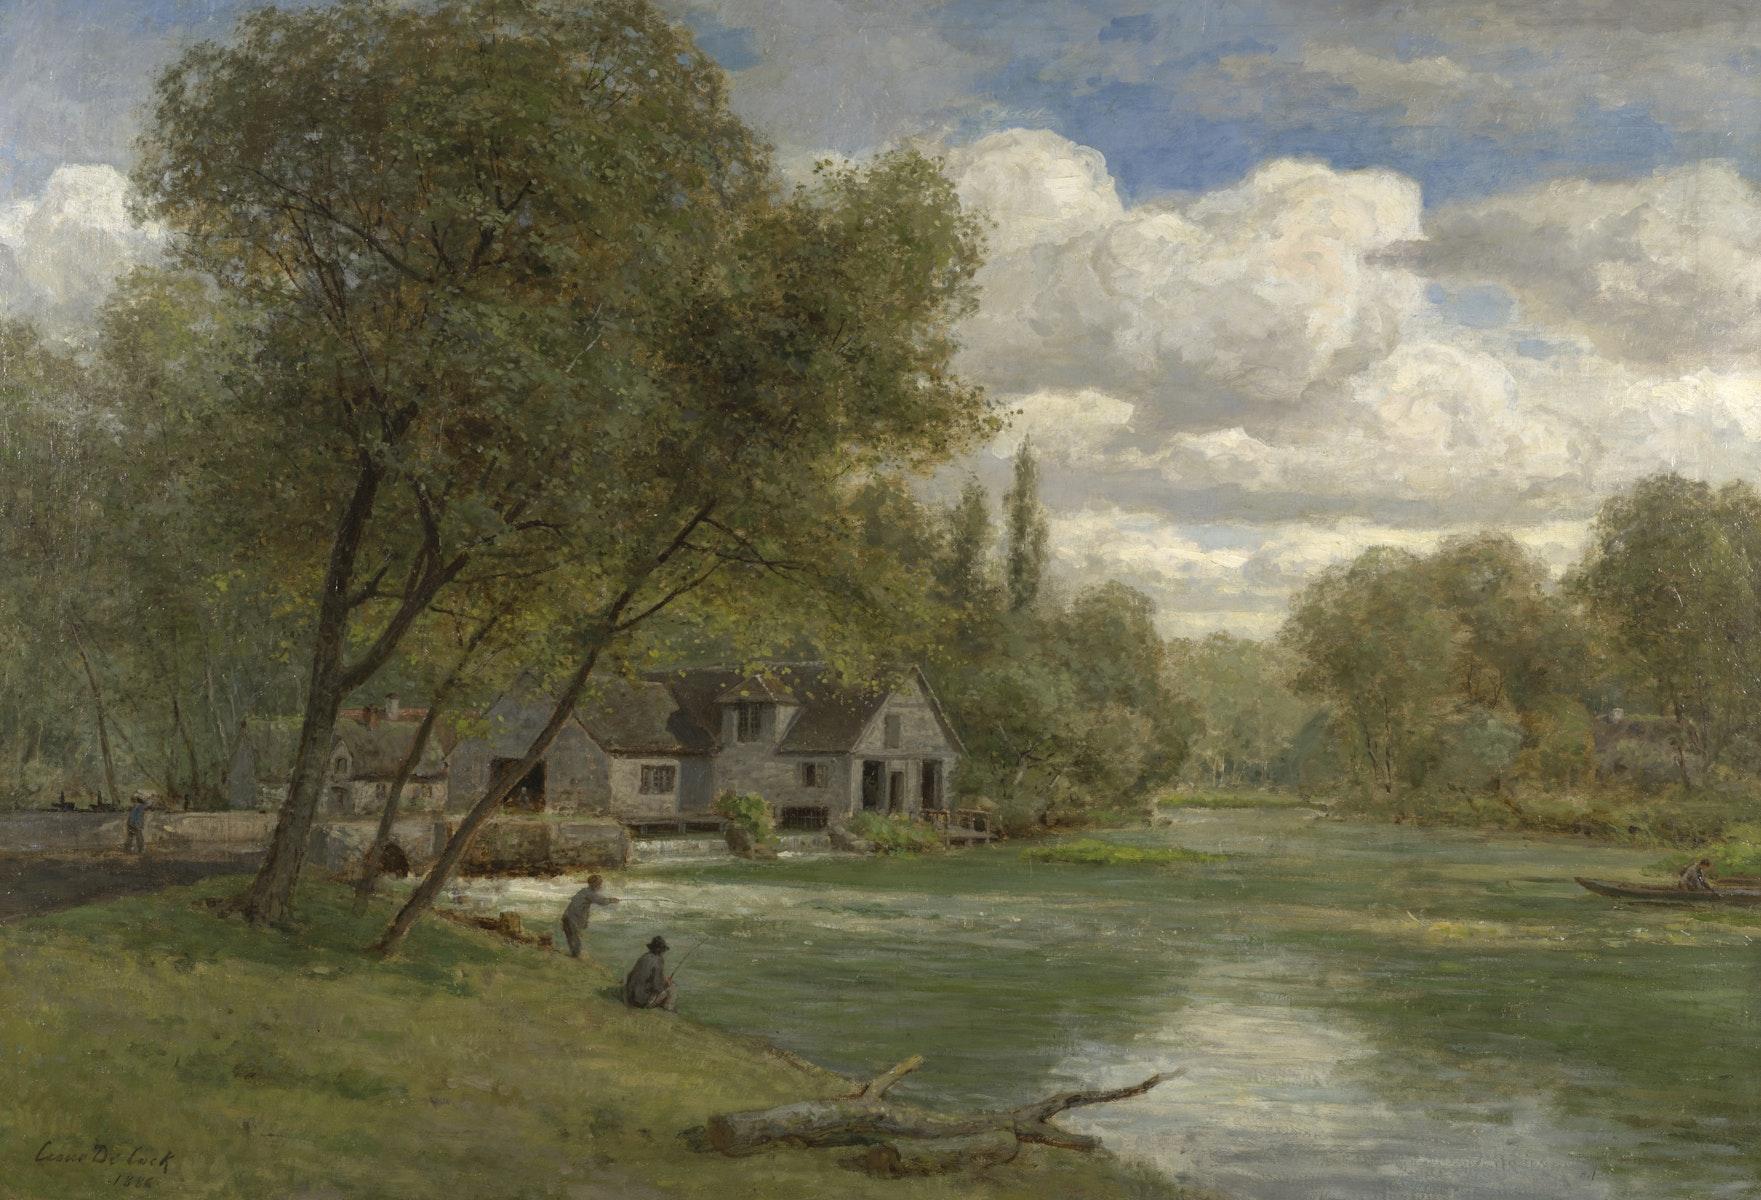 Sint-Martens-Latem, Latemse School, Impressionism, Belgische Kunst, School van Barbizon, César De Cock, l'Epte en Normandie